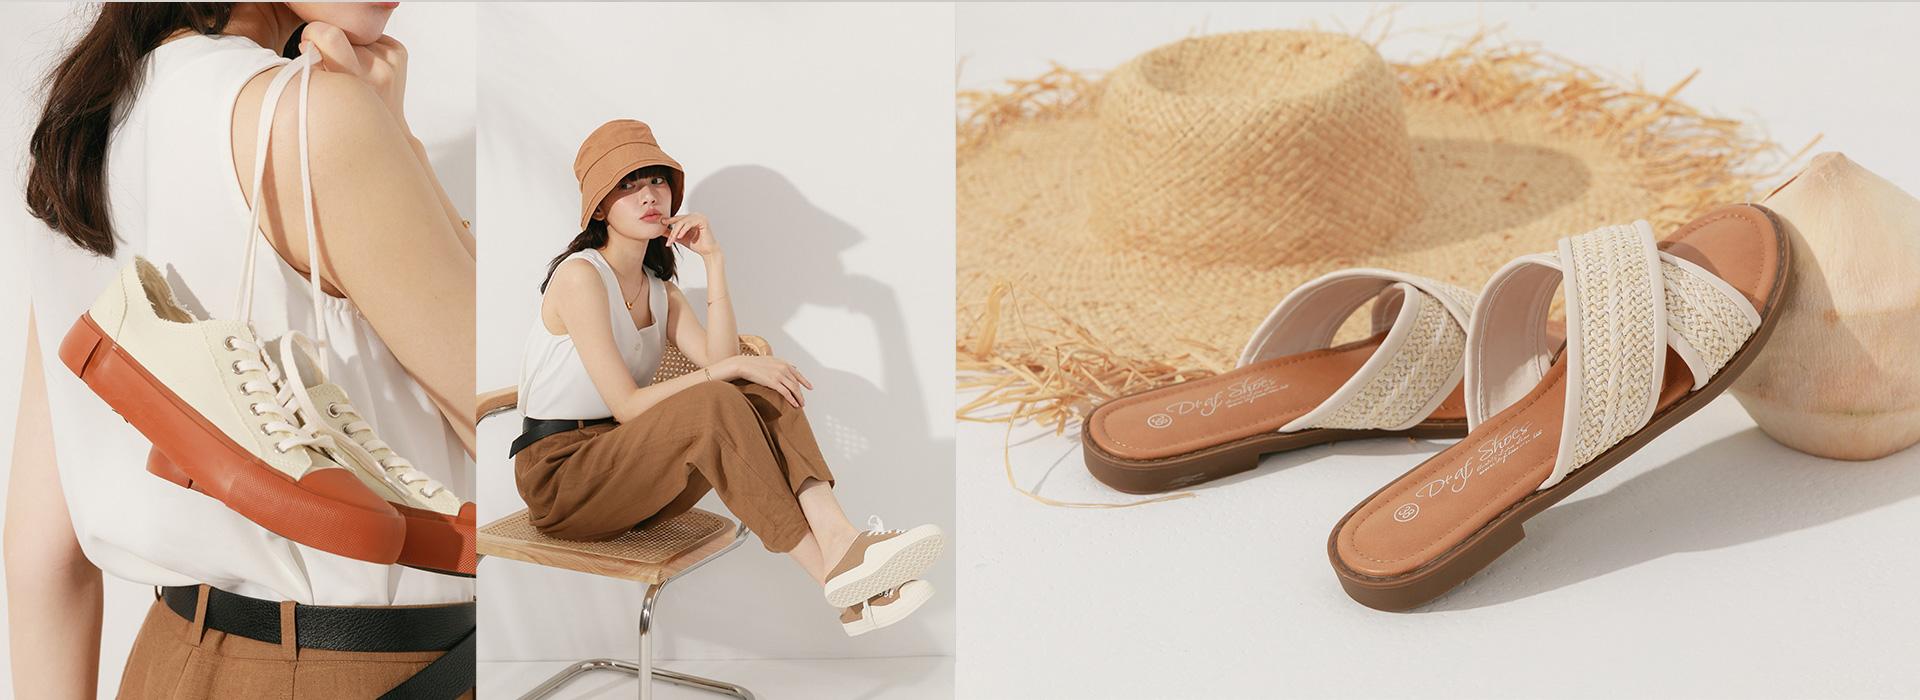 D+AF流行女鞋夏季新款涼鞋 拖鞋 穆勒鞋 休閒鞋 YOUTUBE頻道